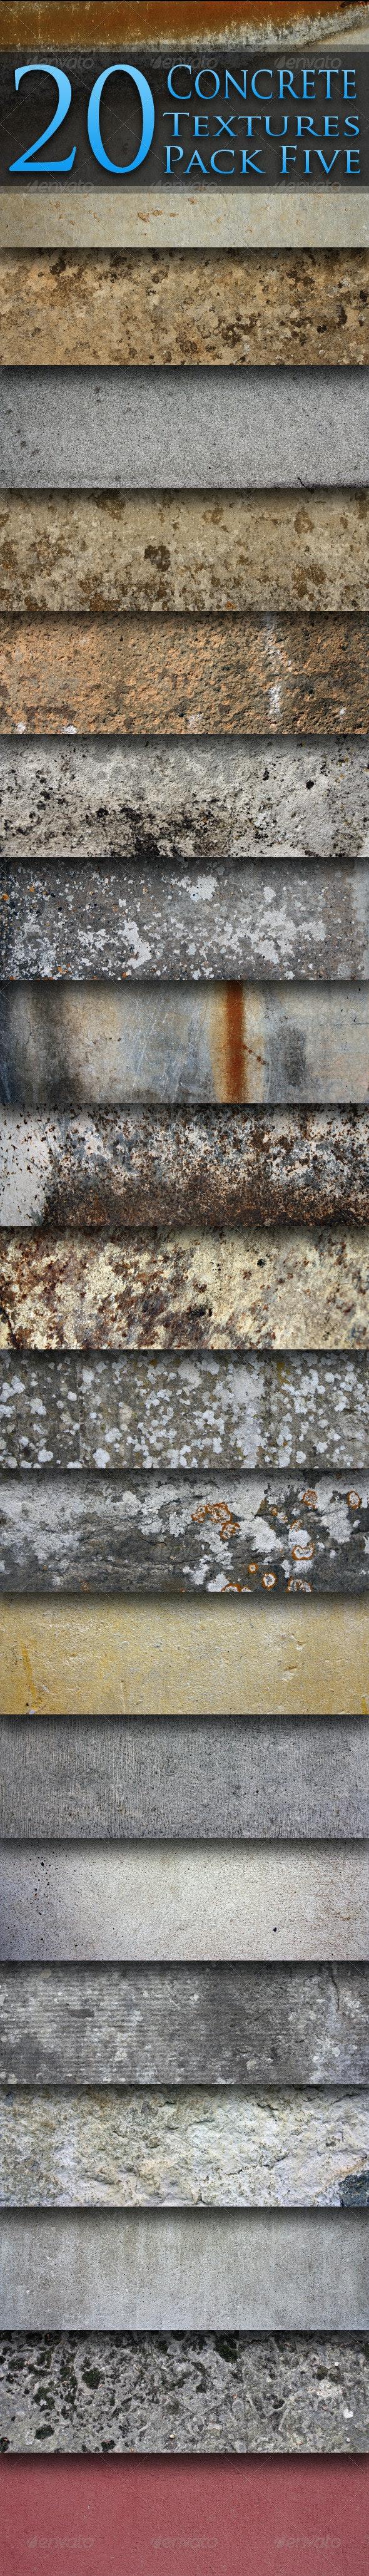 20 Concrete Textures - Pack Five - Concrete Textures